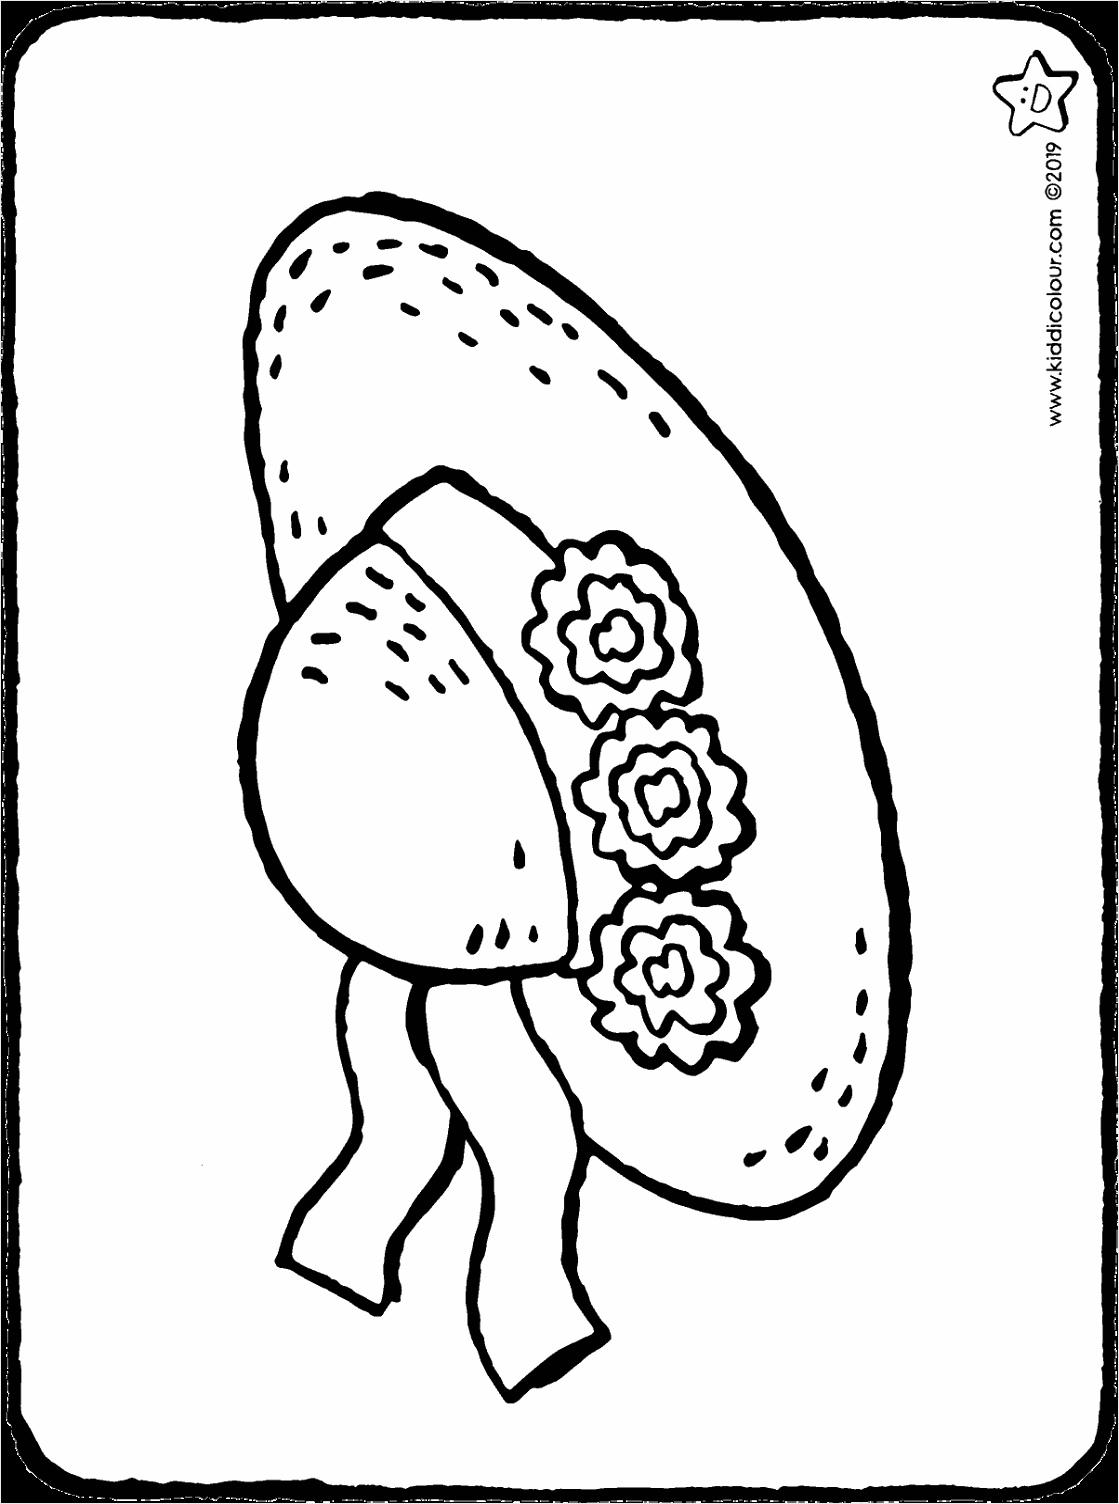 zomerhoed met bloemen kleurplaat kleurprent tekening 01H oiipu